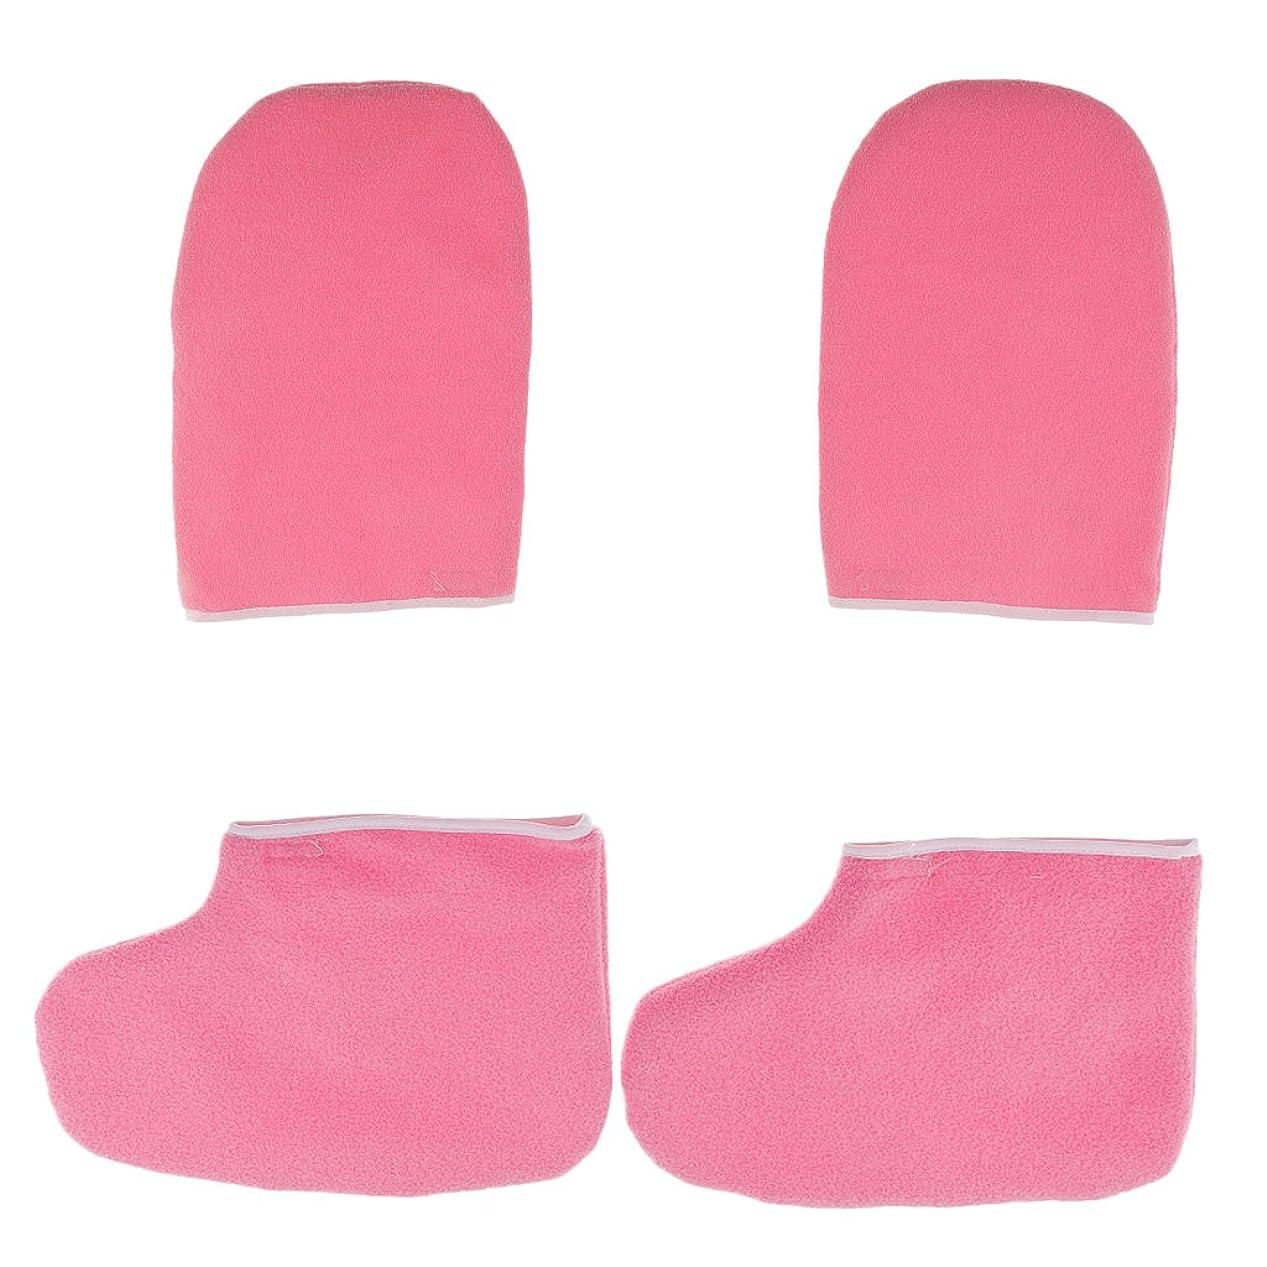 失効多数の右Hellery パラフィンワックスハンドバスグローブソックスハンドフットケア剥離デッドハードスキン - ピンク